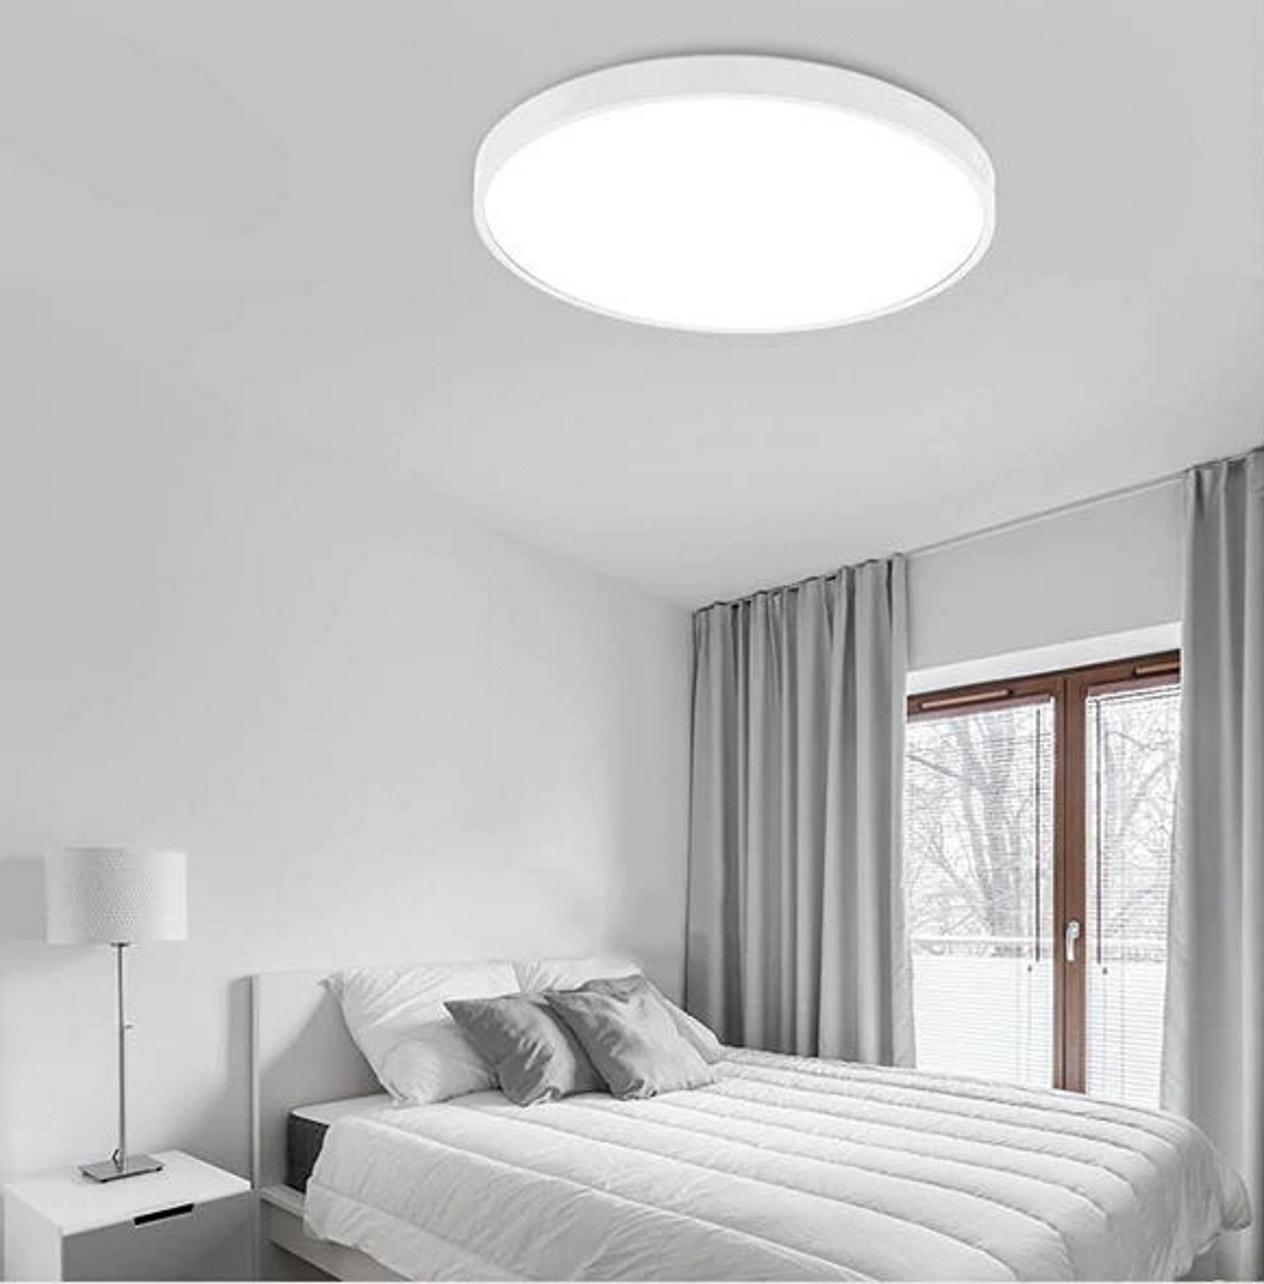 YEELIGHT Smart LED YLXD39YL